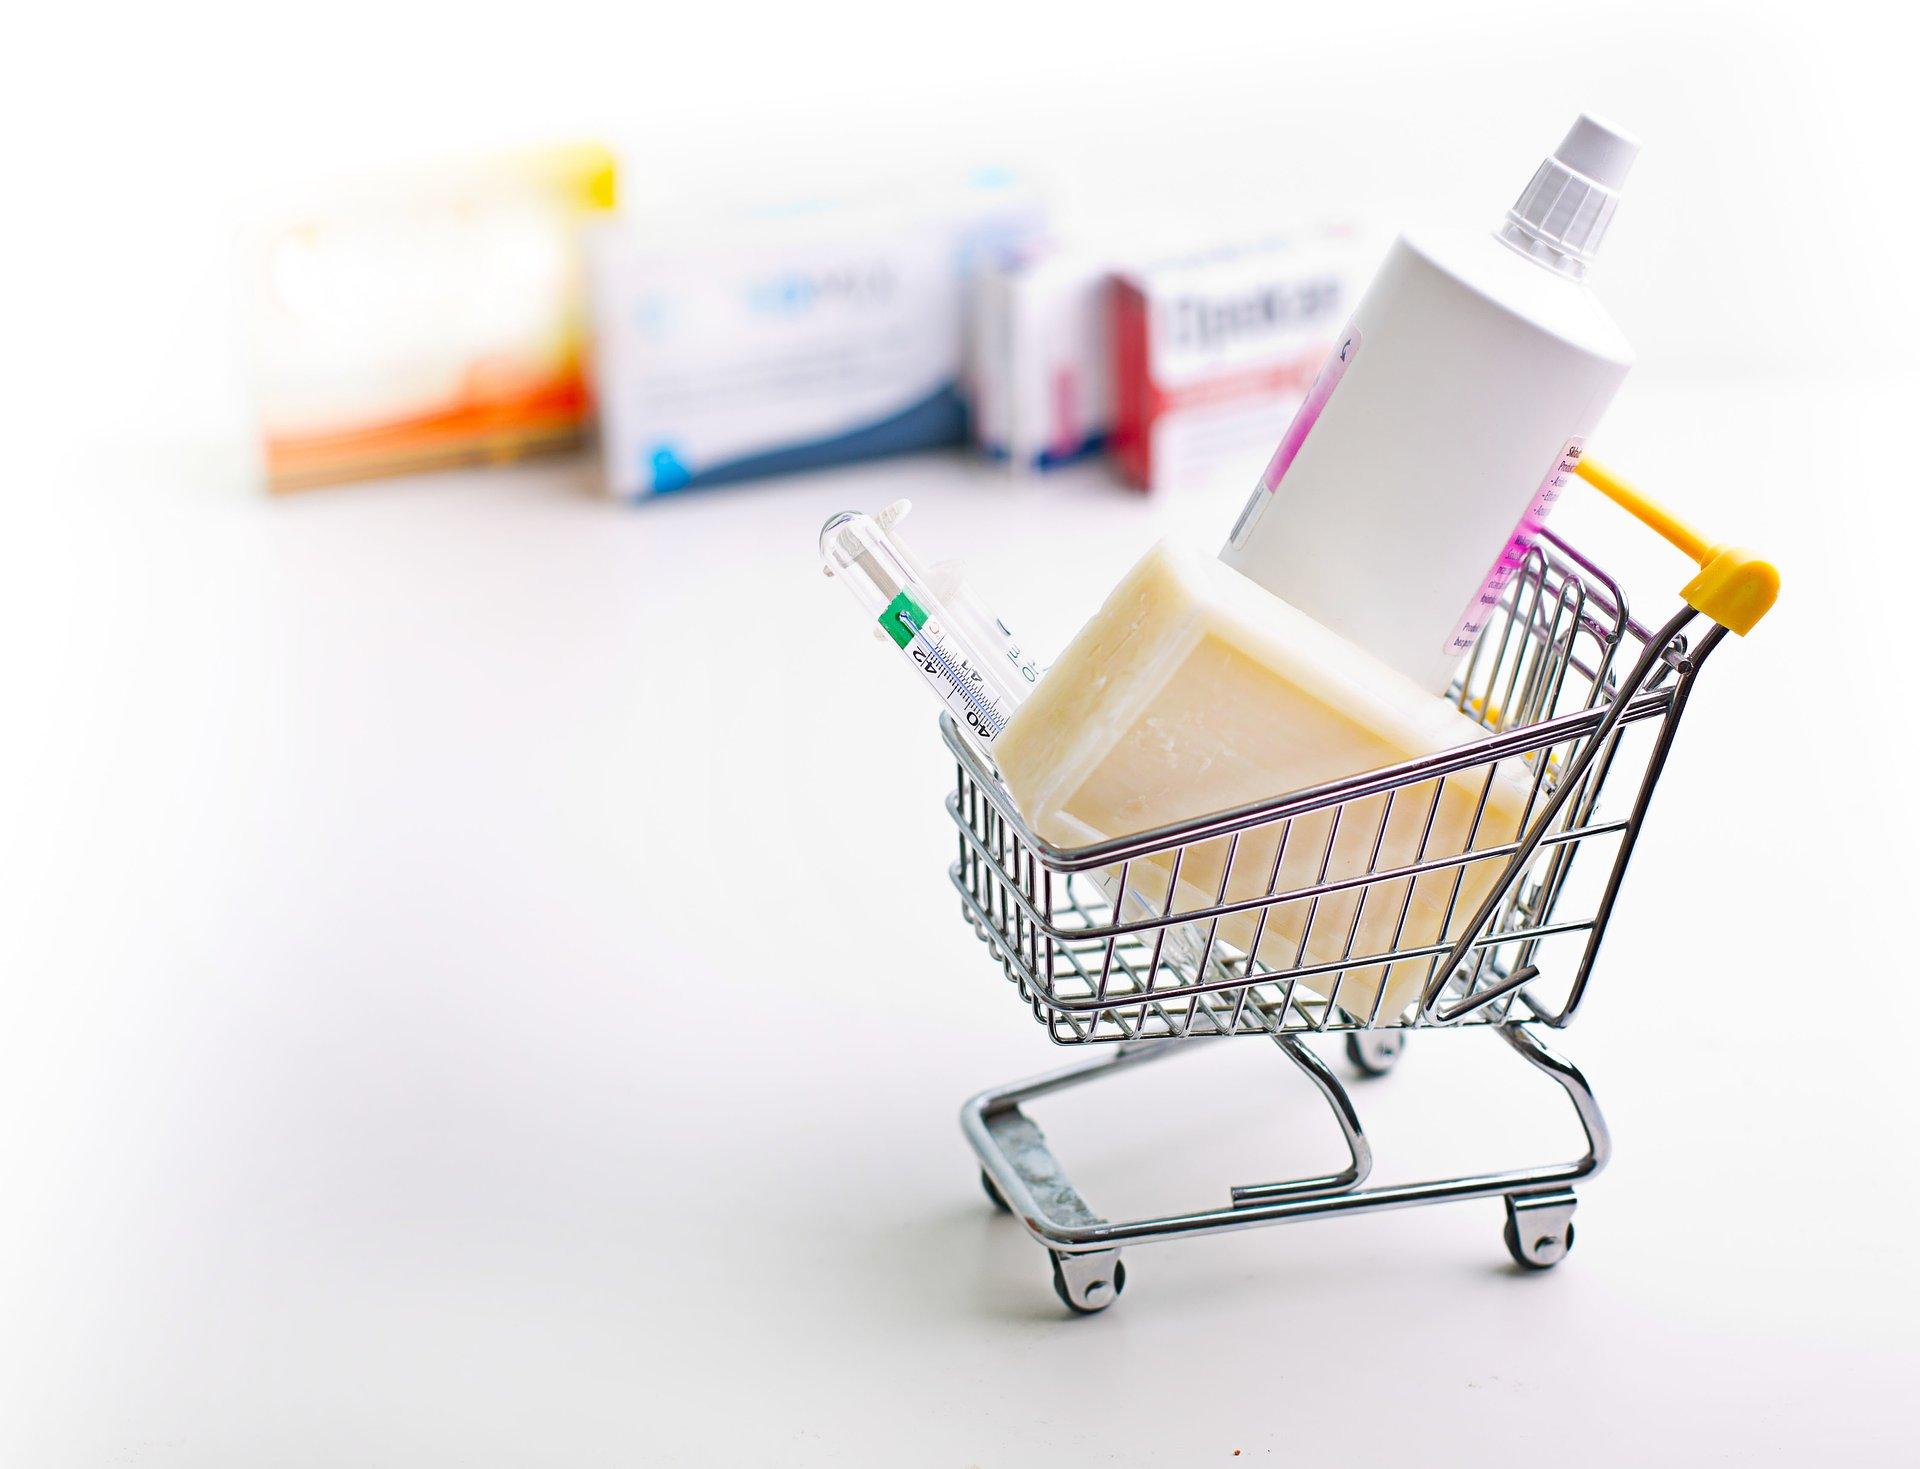 Rynek apteczny w drugim miesiącu epidemii - drastyczne spadki